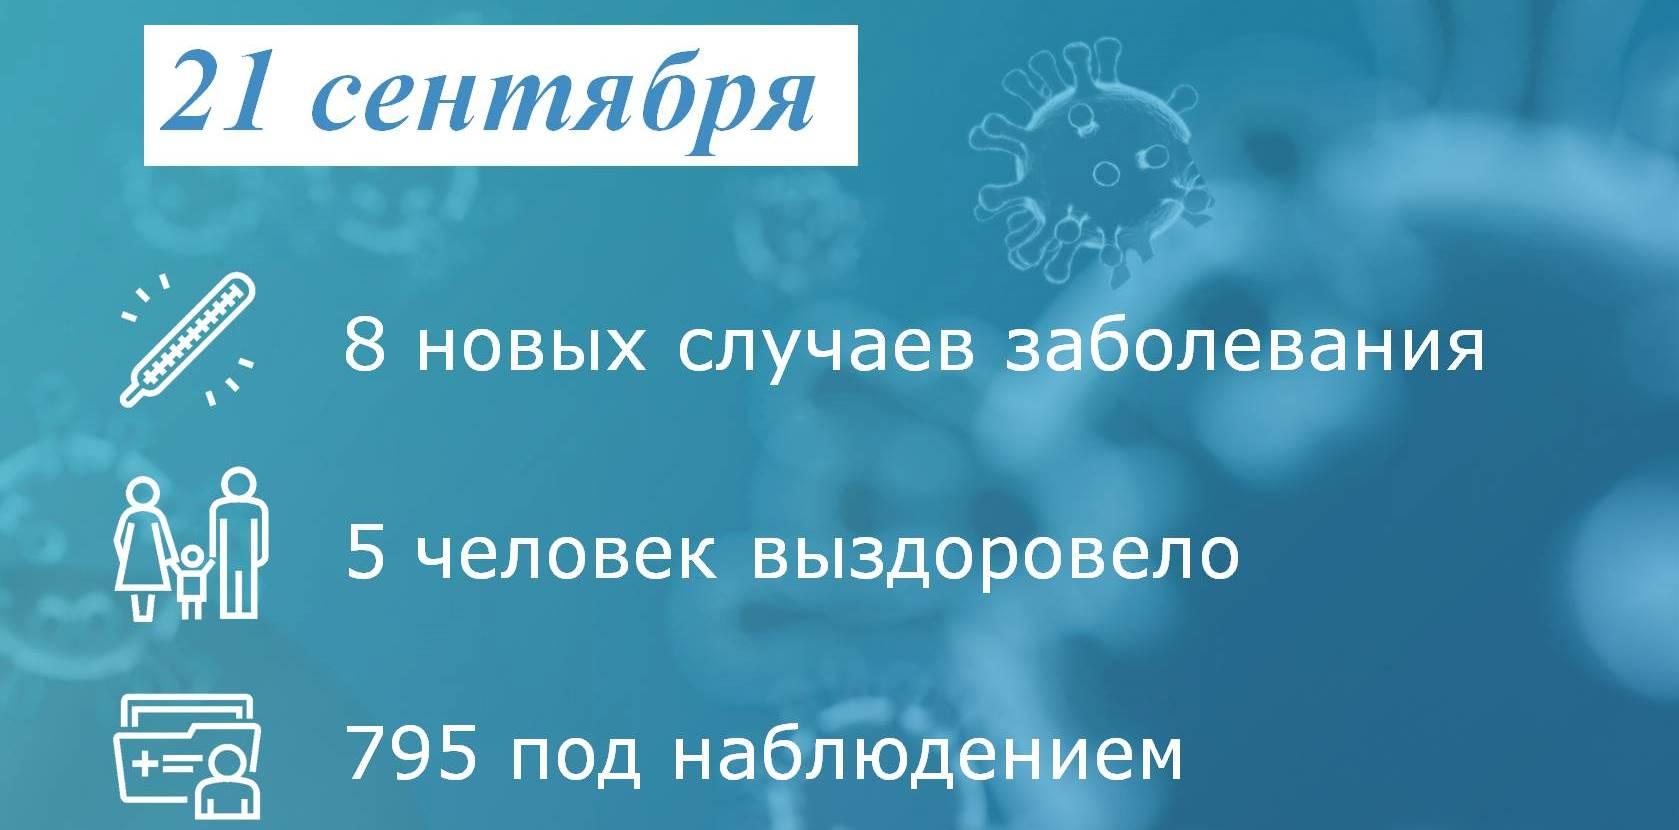 Коронавирус: в Таганроге заболели еще 8 человек